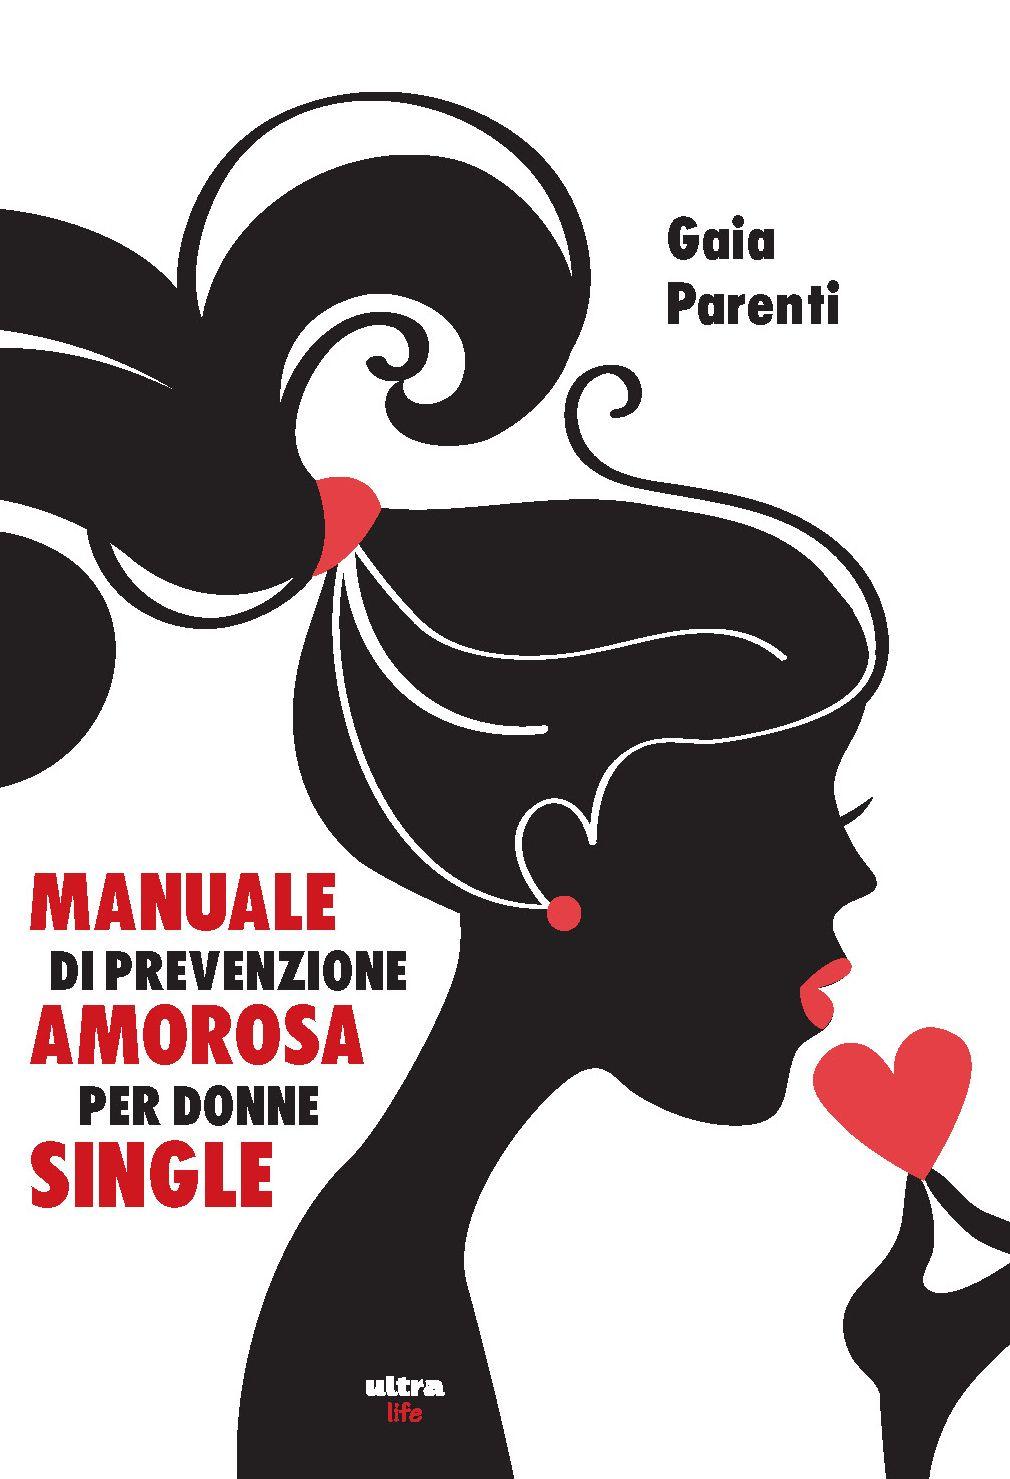 Manuale Di Prevenzione Amorosa Per Donne Single Ultra